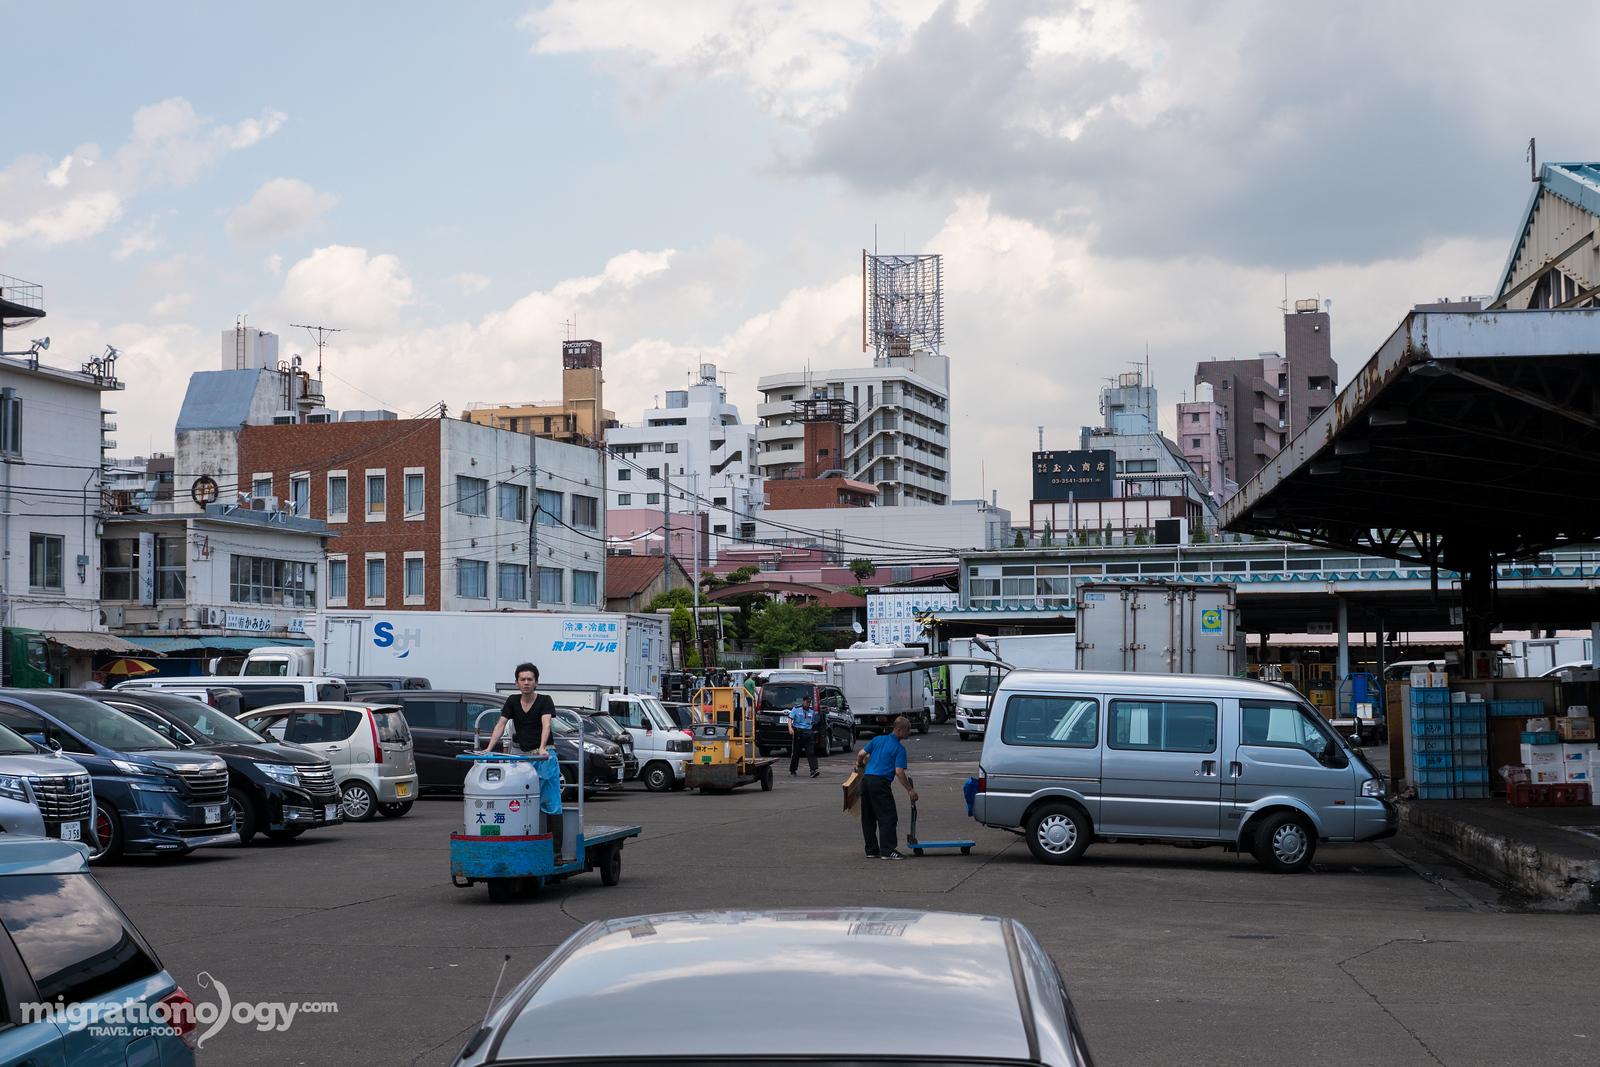 Tokyo's Tsukiji Market